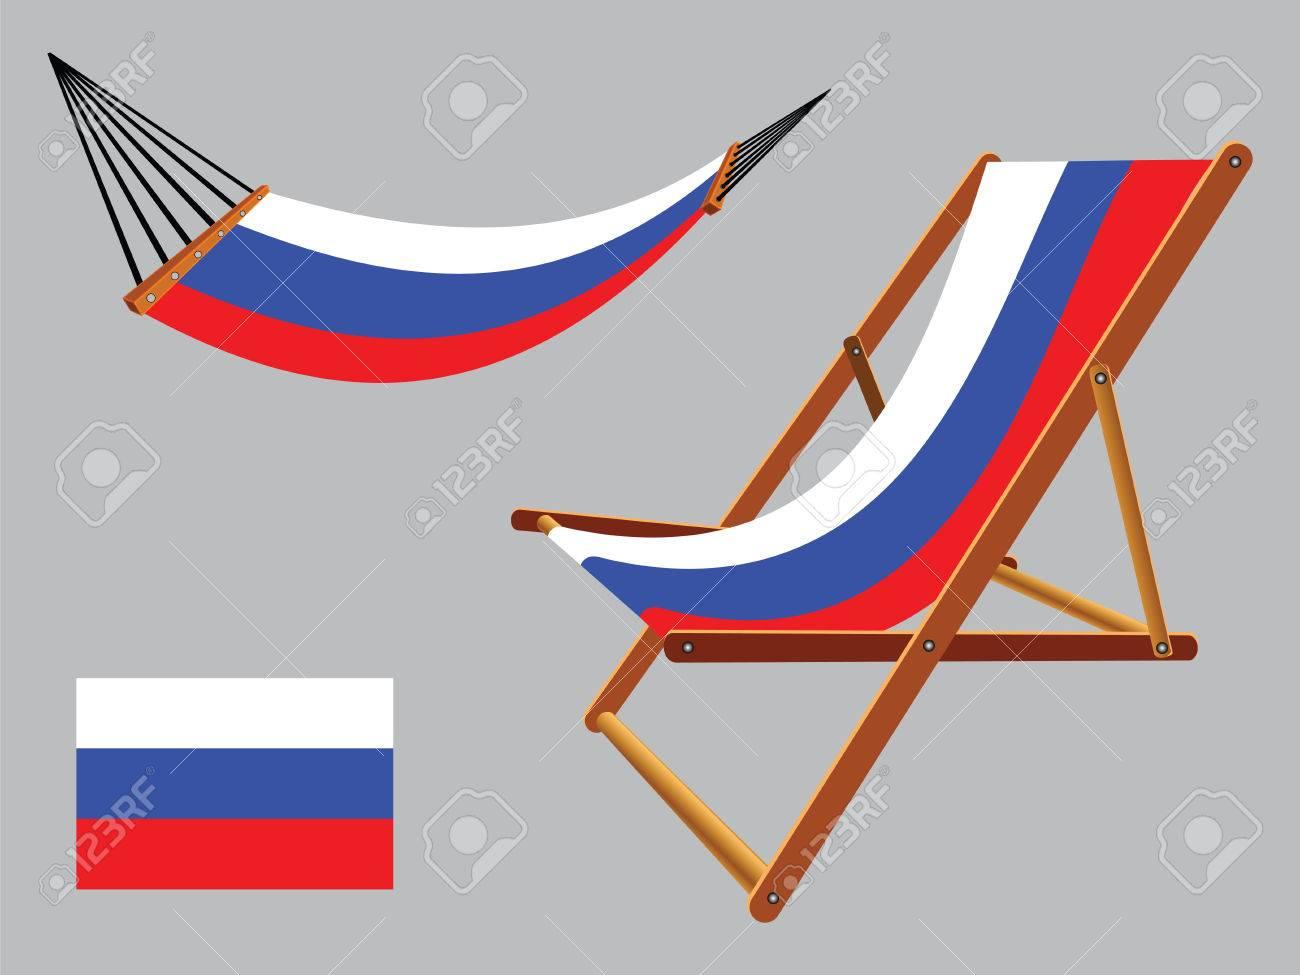 Vectorielle Et Longue Russe Abstrait Un Fédération La Chaise Art Hamac De GrisIllustration Fond oWrBdCxe